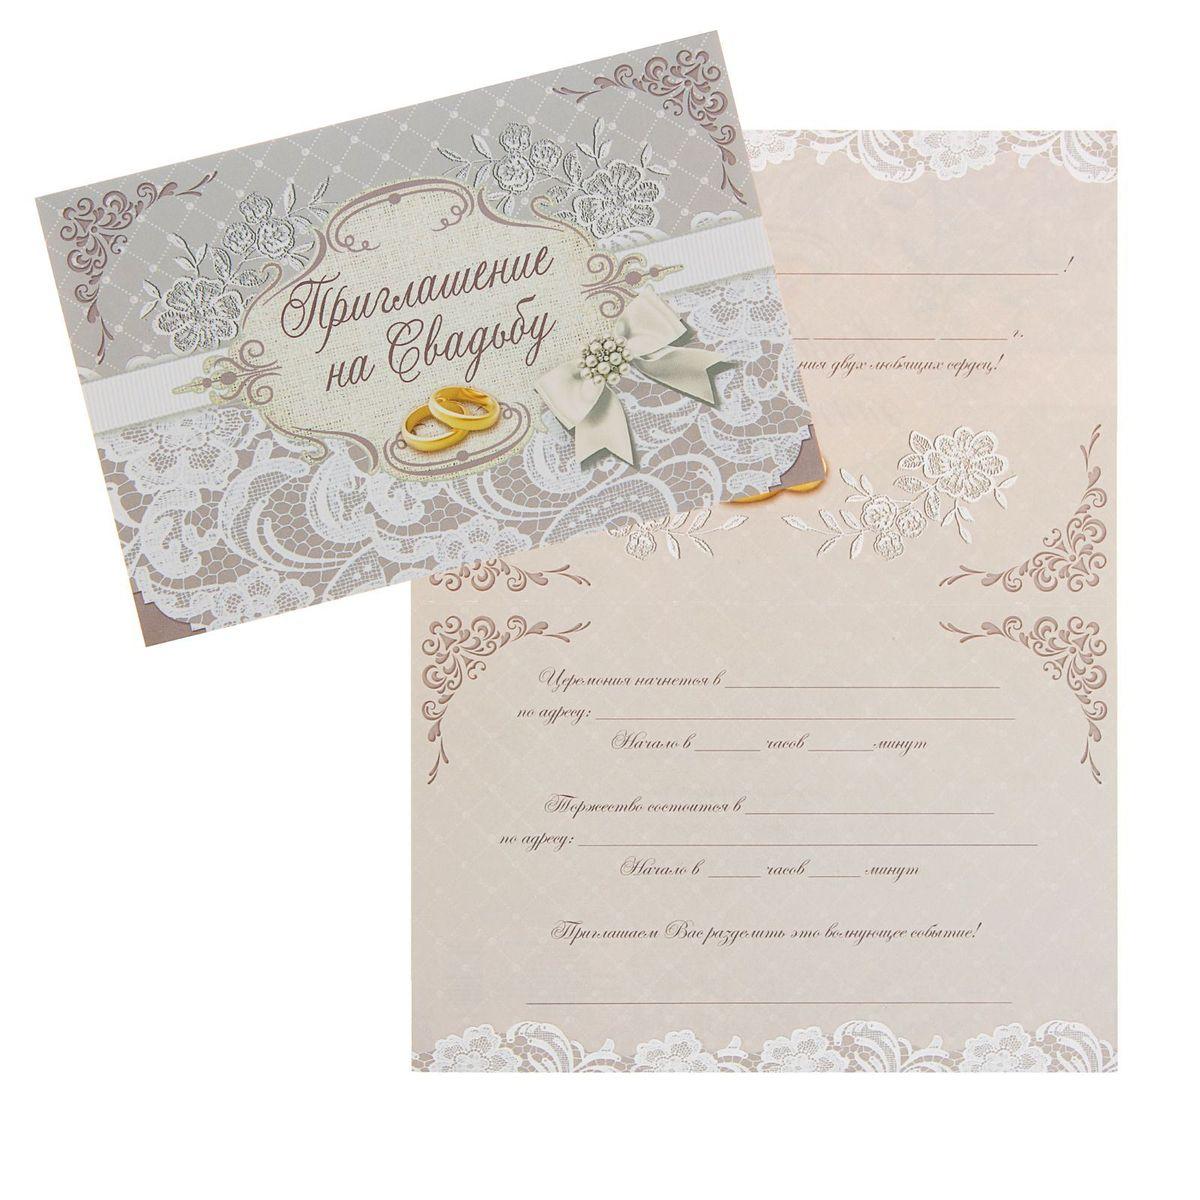 Приглашение на свадьбу Sima-land Кружево, 18 х 12 см1333779Свадьба — одно из главных событий в жизни каждого человека. Для идеального торжества необходимо продумать каждую мелочь. Родным и близким будет приятно получить индивидуальную красивую открытку с эксклюзивным дизайном.